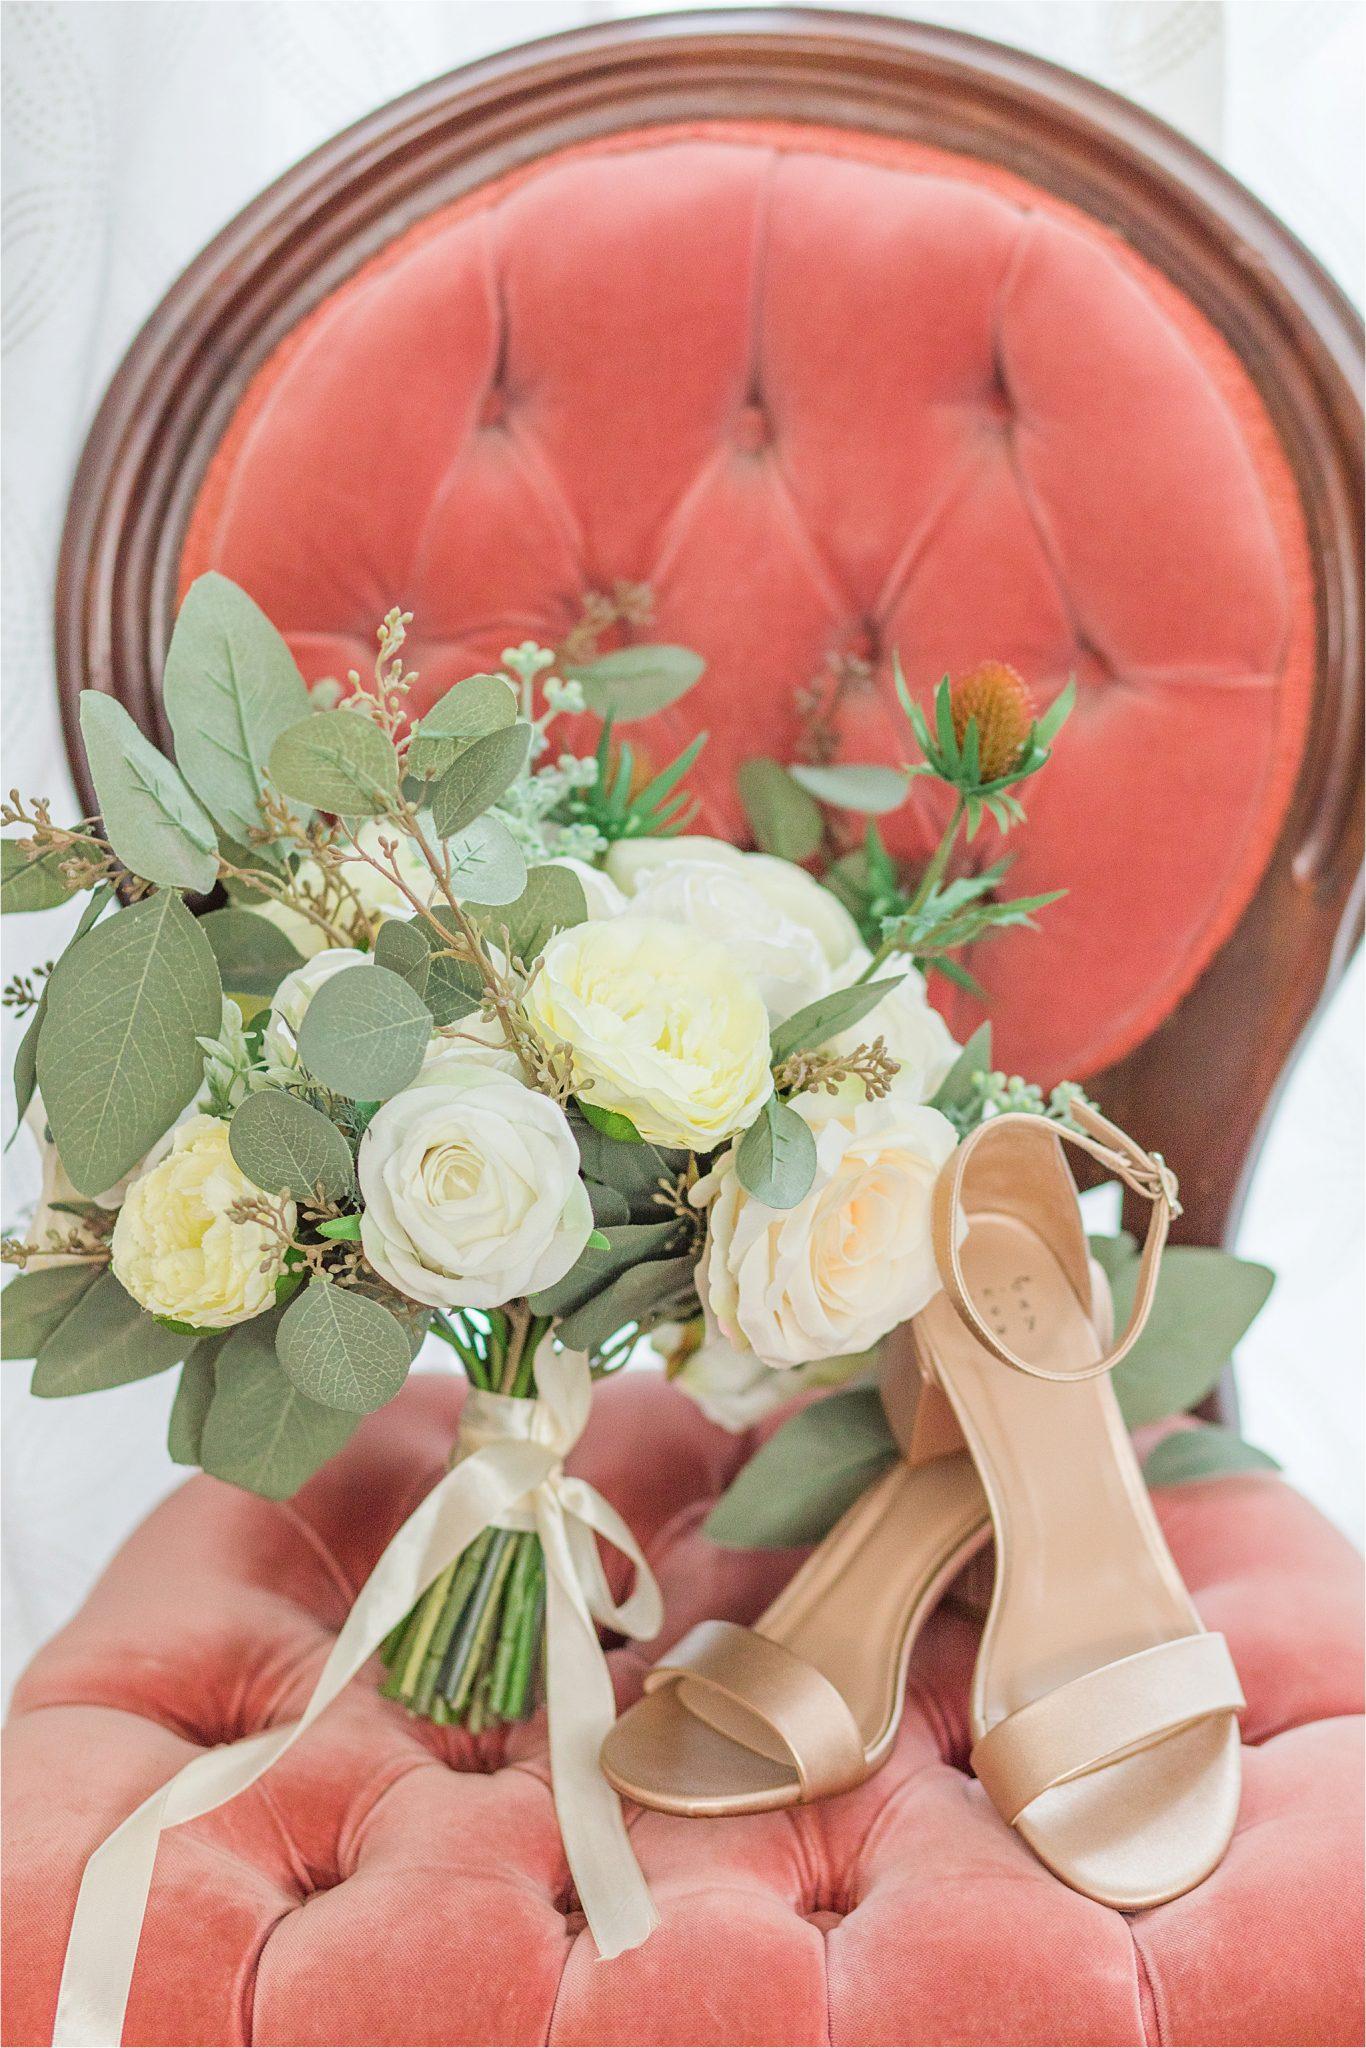 blush-vintage-coushion-antique-chair-rose-gold-wedding-shoes-white-bouqet